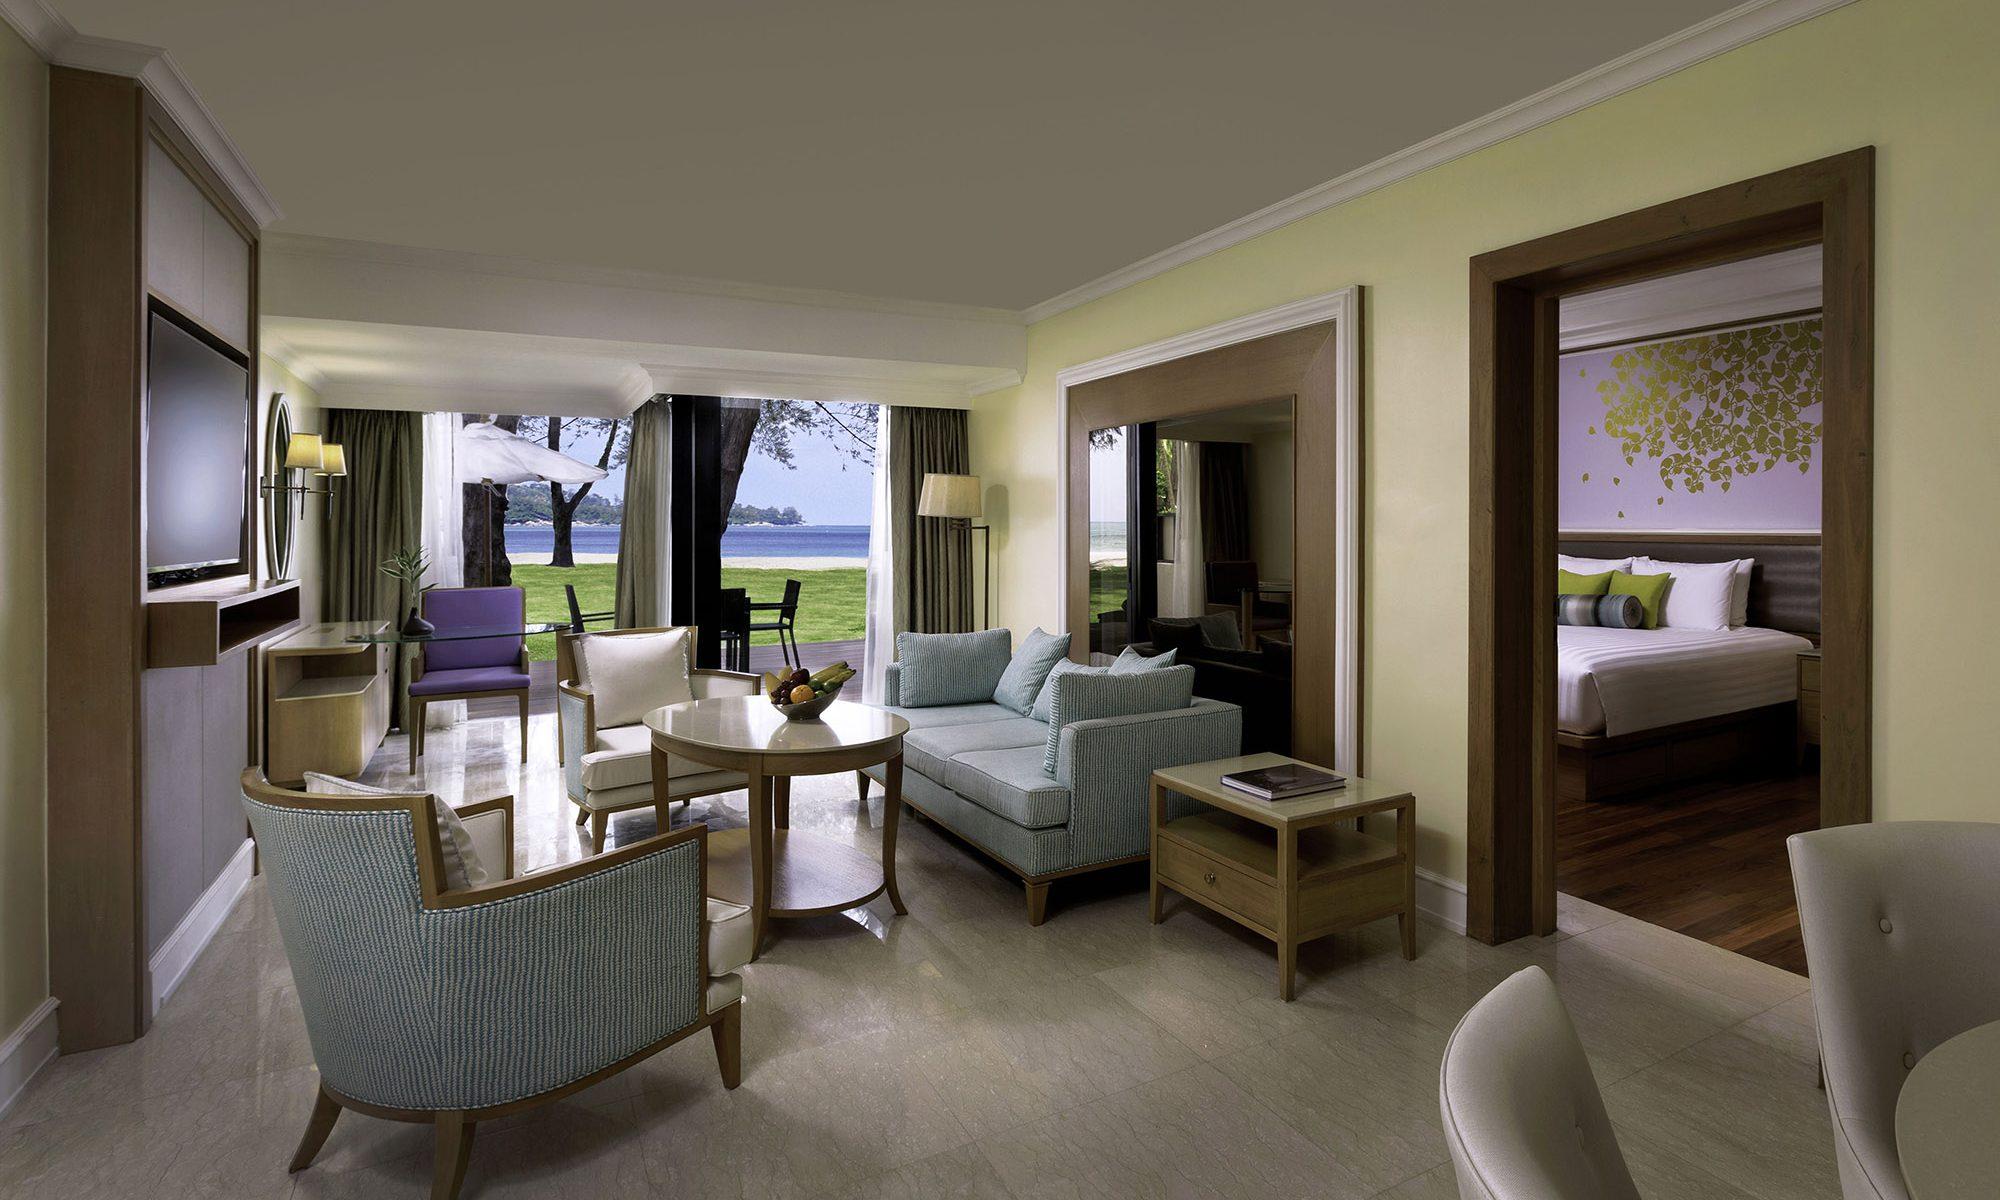 dusit thani laguna phuket - Dusit Suite Room